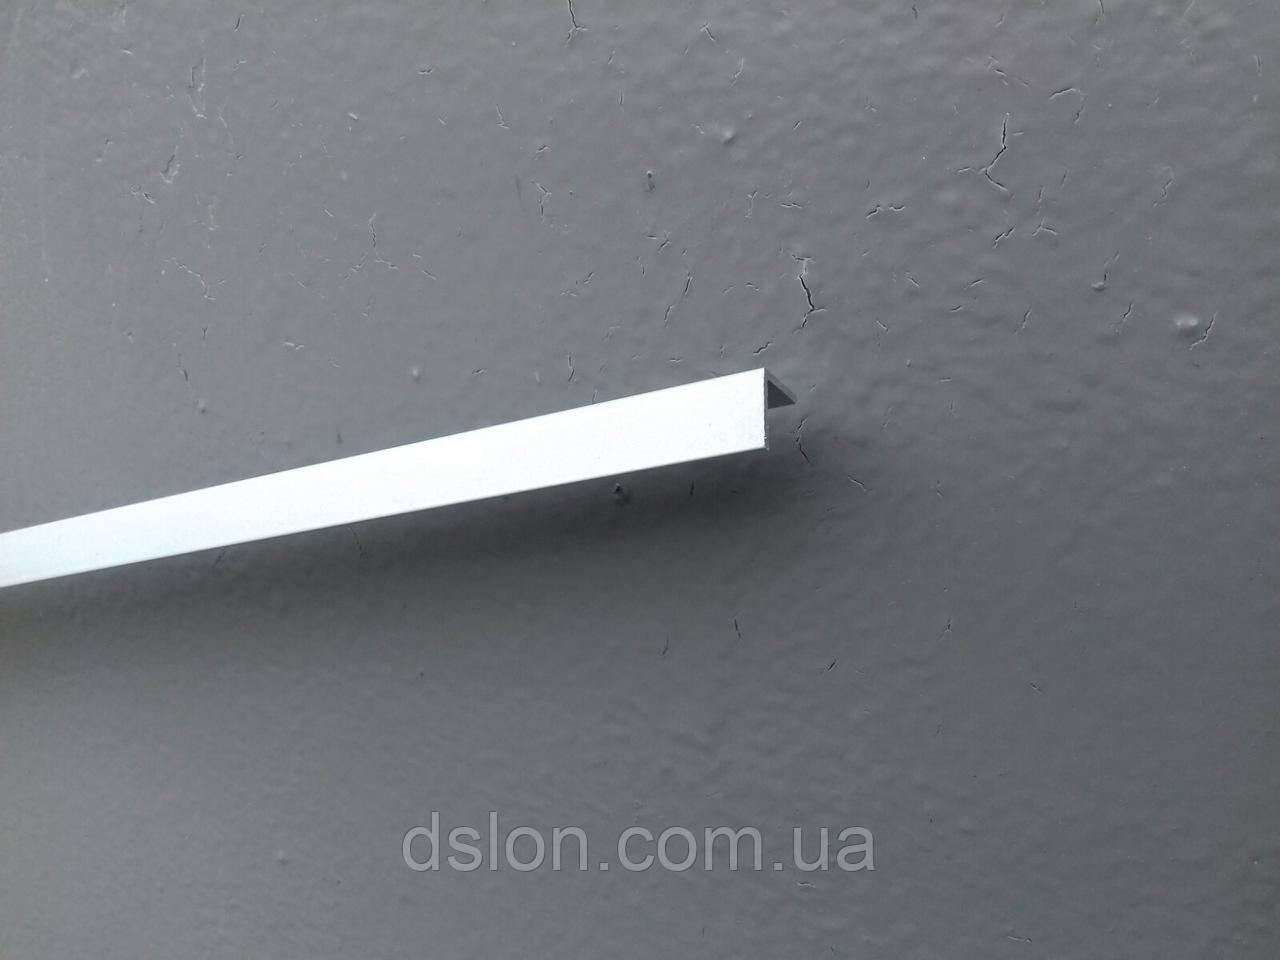 Уголок алюминиевый 10*10*1 RAL 9006 под анод